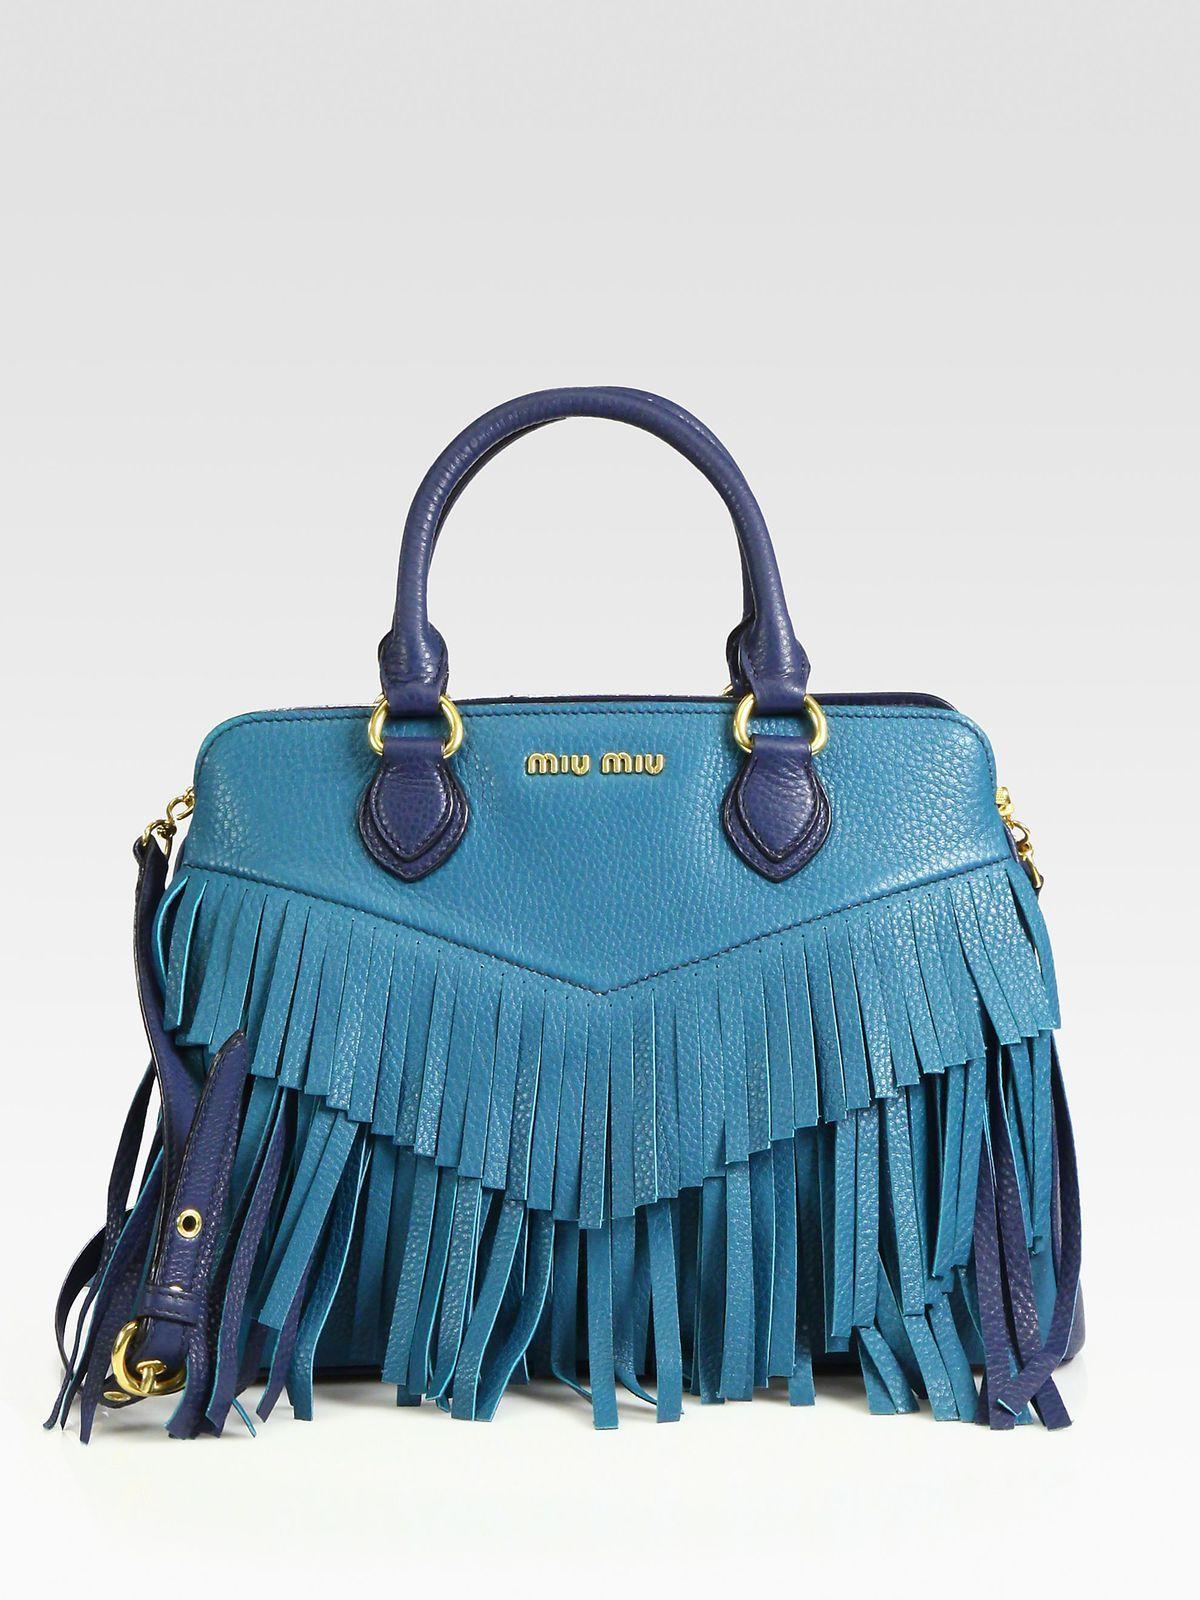 Tote / shoulder bags Top handle Satchel Leather Blue Gold Fringes Metal